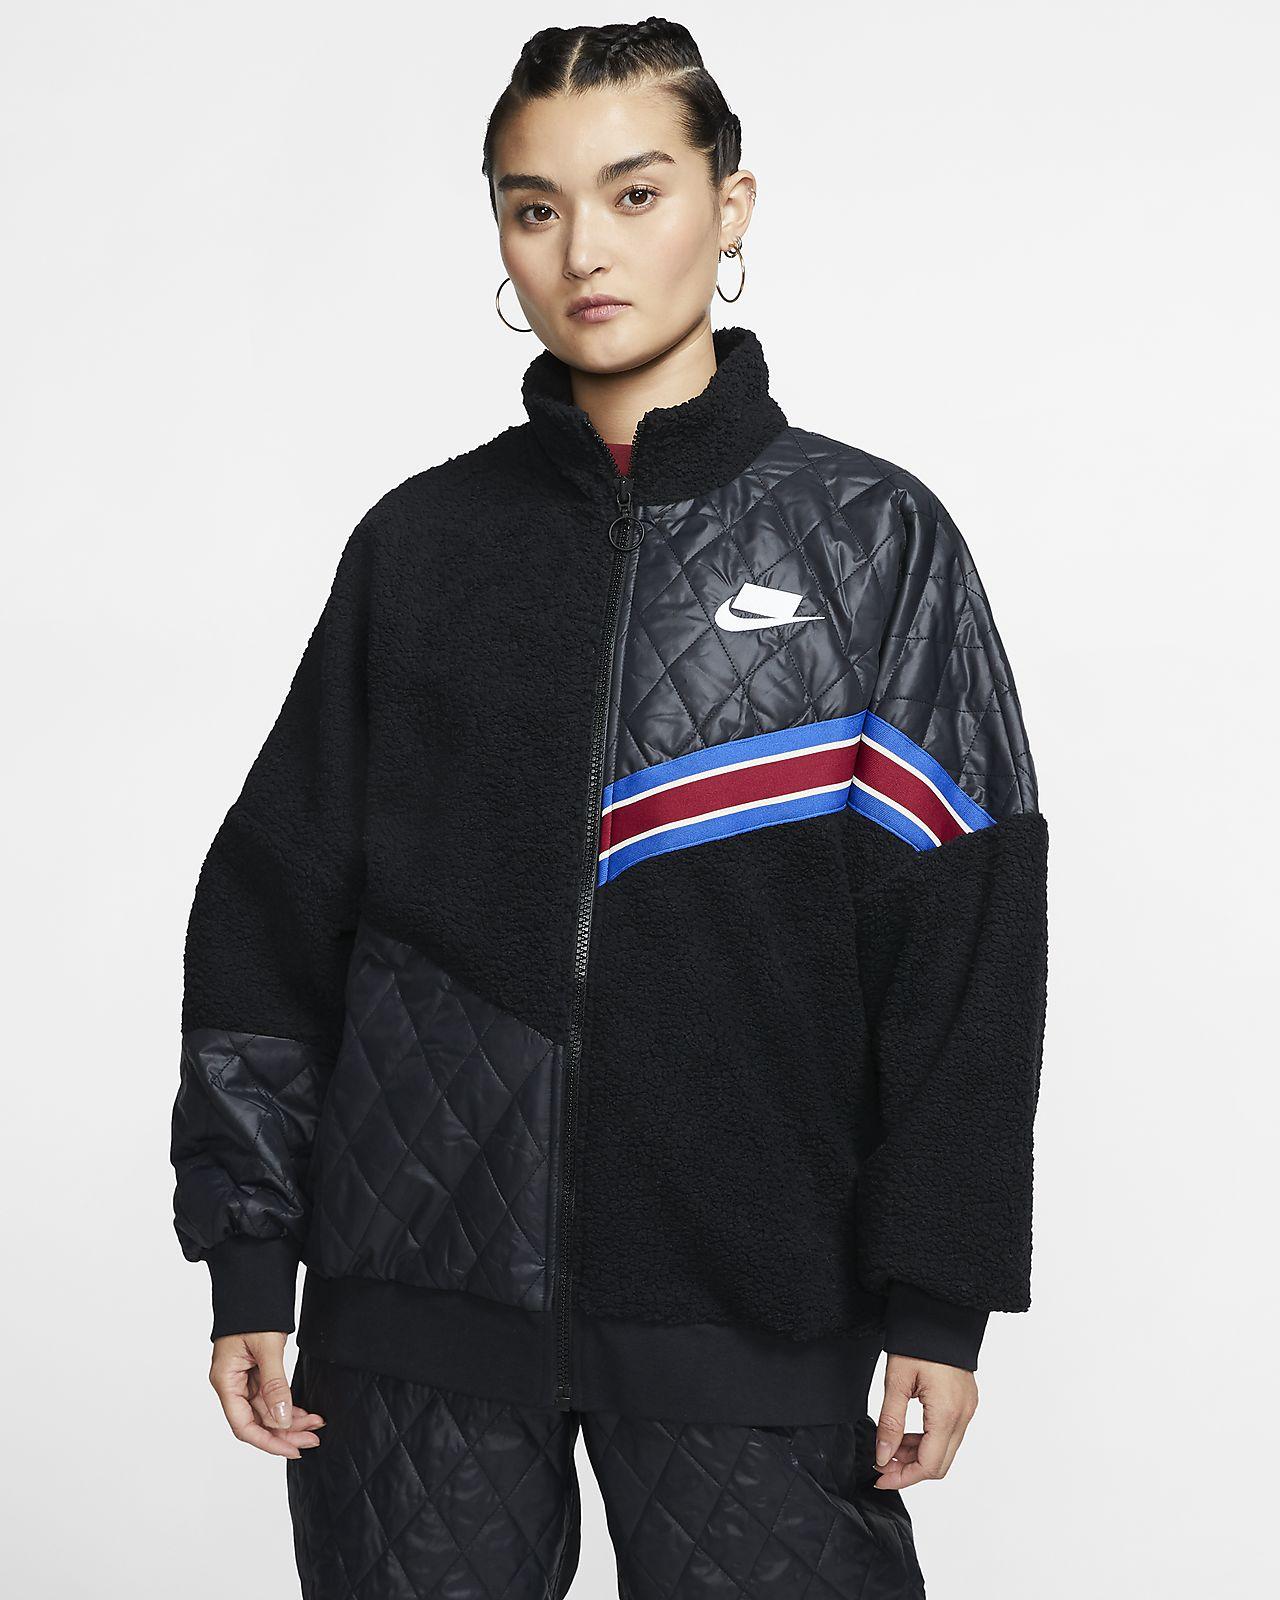 Dámská atletická bunda Nike Sportswear Nike Sports Pack Sherpa se zipem po celé délce